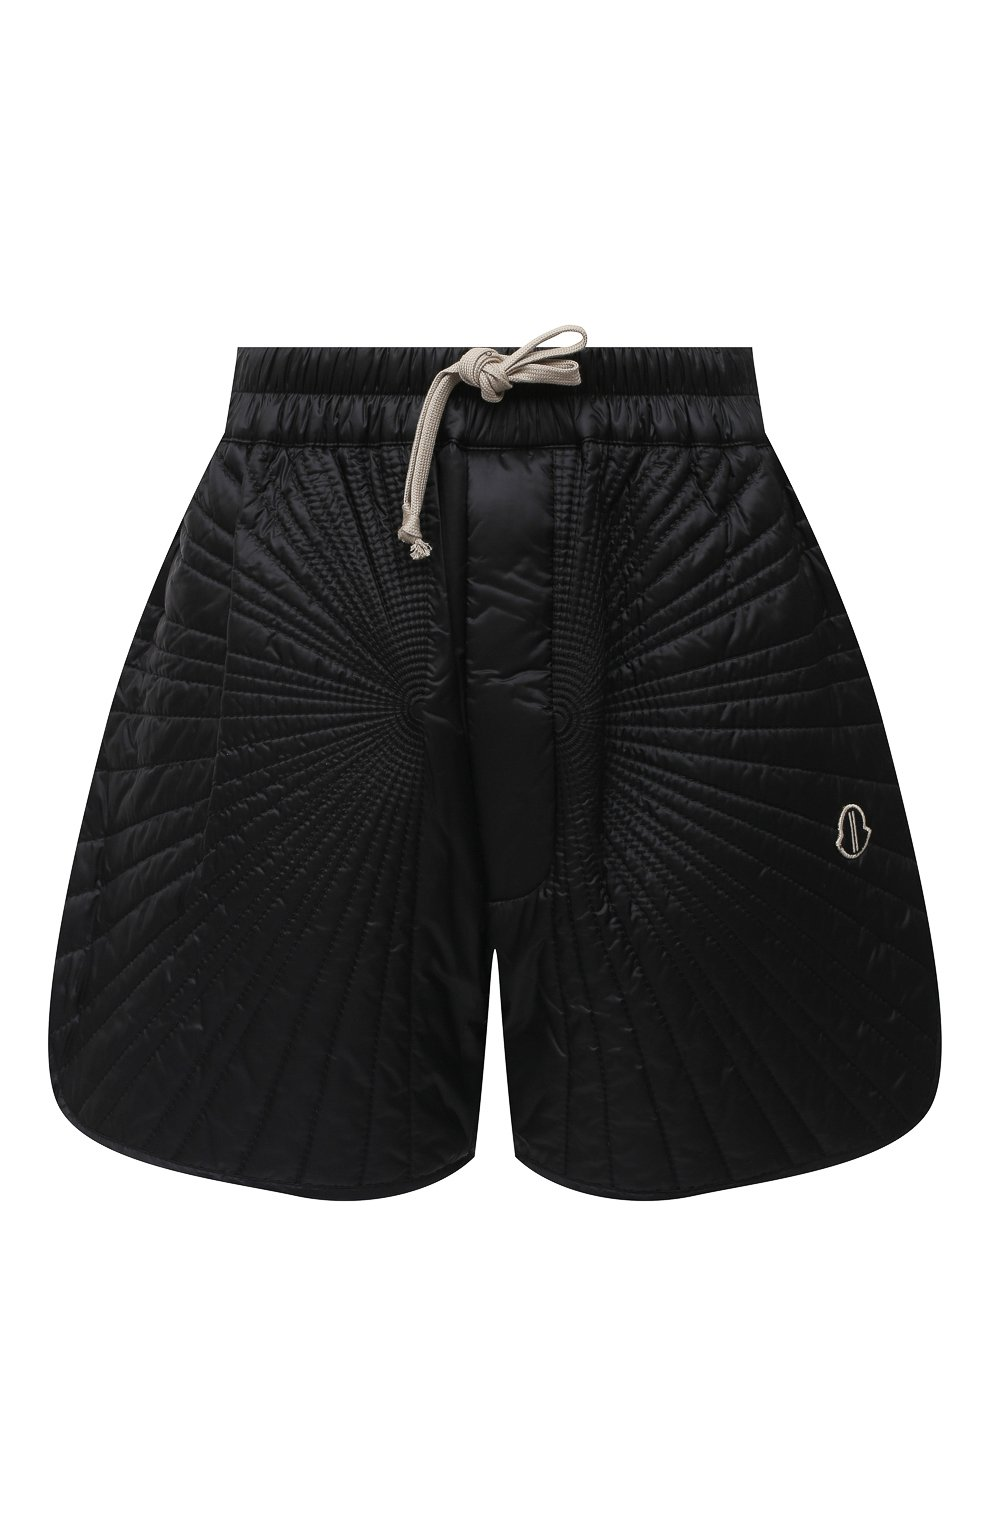 Женские шорты moncler + rick owens RICK OWENS черного цвета, арт. MU20F0023/C0596 | Фото 1 (Длина Ж (юбки, платья, шорты): Мини; Кросс-КТ: Спорт; Материал внешний: Синтетический материал; Женское Кросс-КТ: Шорты-спорт; Стили: Спорт-шик, Кэжуэл; Материал подклада: Синтетический материал; Материал утеплителя: Пух и перо)